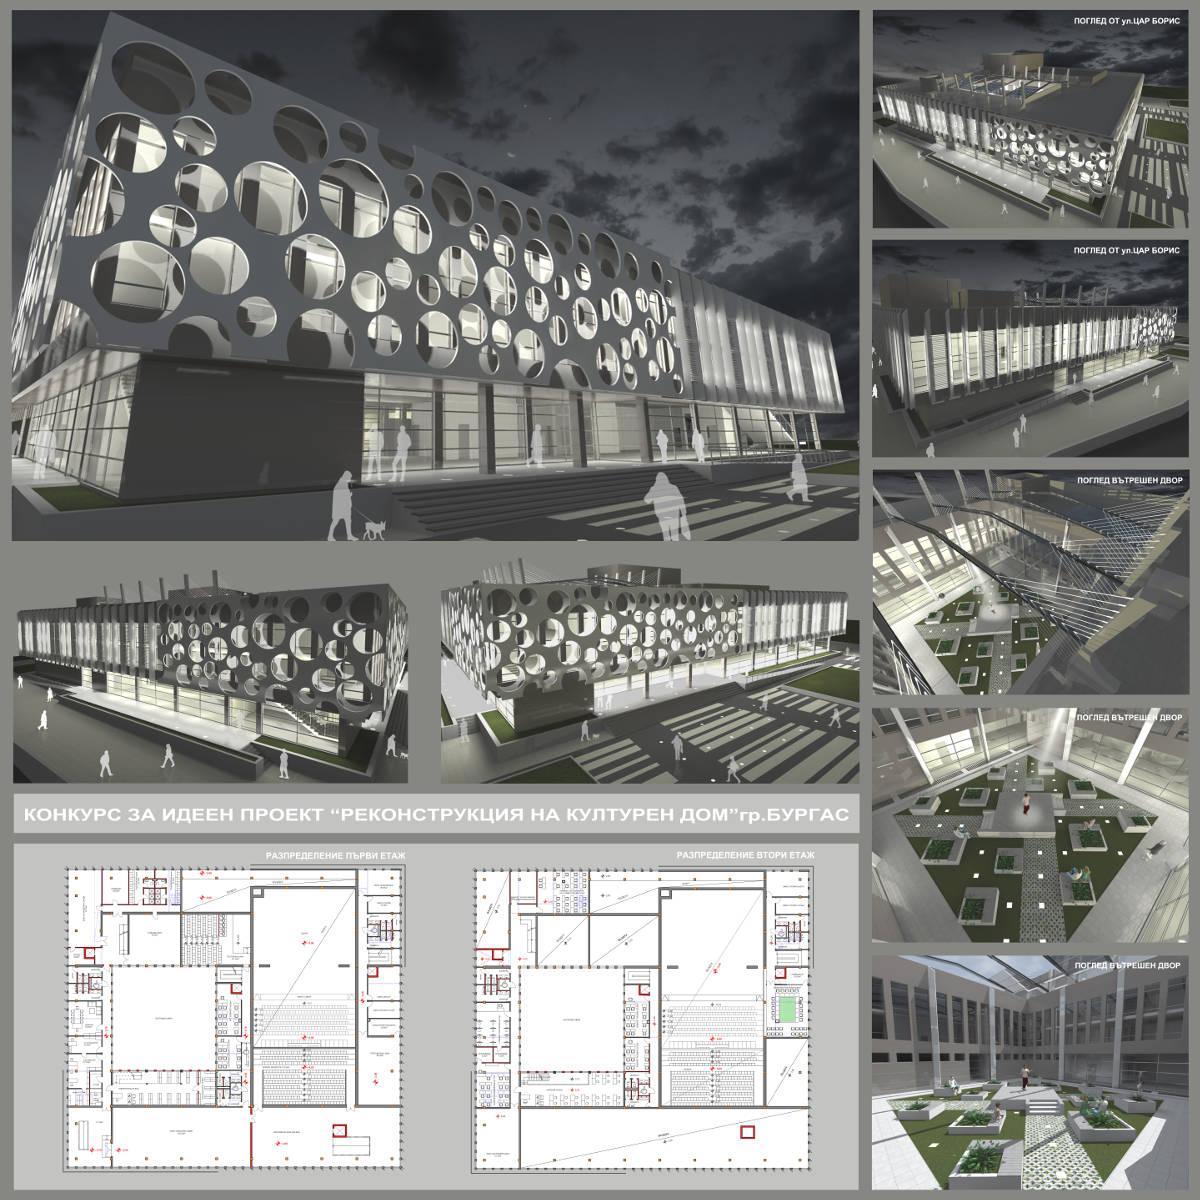 реконструкция на Дома на нефтохимика